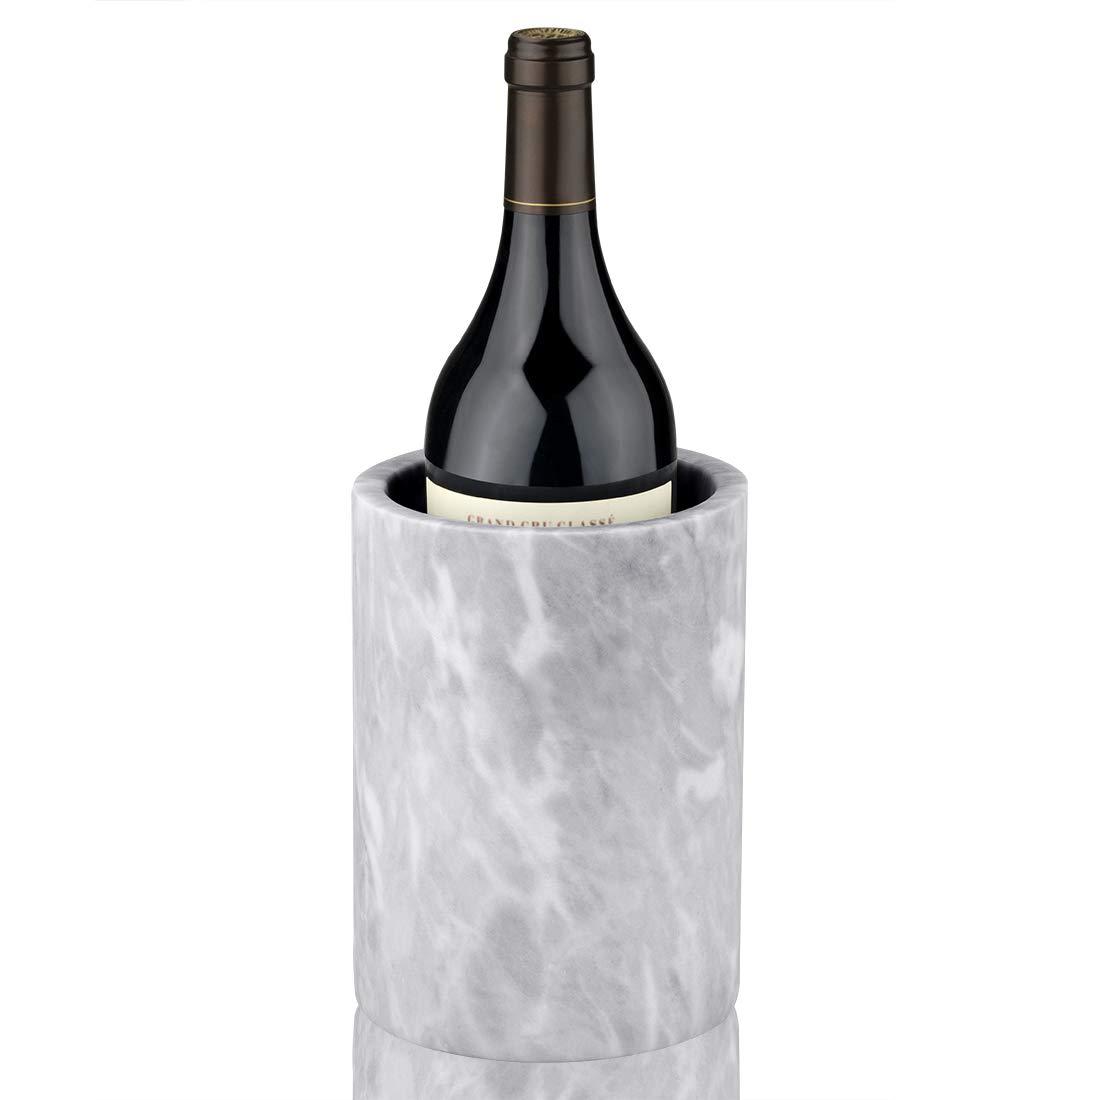 Linkidea Marble Wine Chiller Bucket, Large Enhanced Insulated Cooler for White Wine or Champagne Bottles, Flower Vase/Pot, Storage Holder, Kitchen Utensil Holder, House Decor (White)